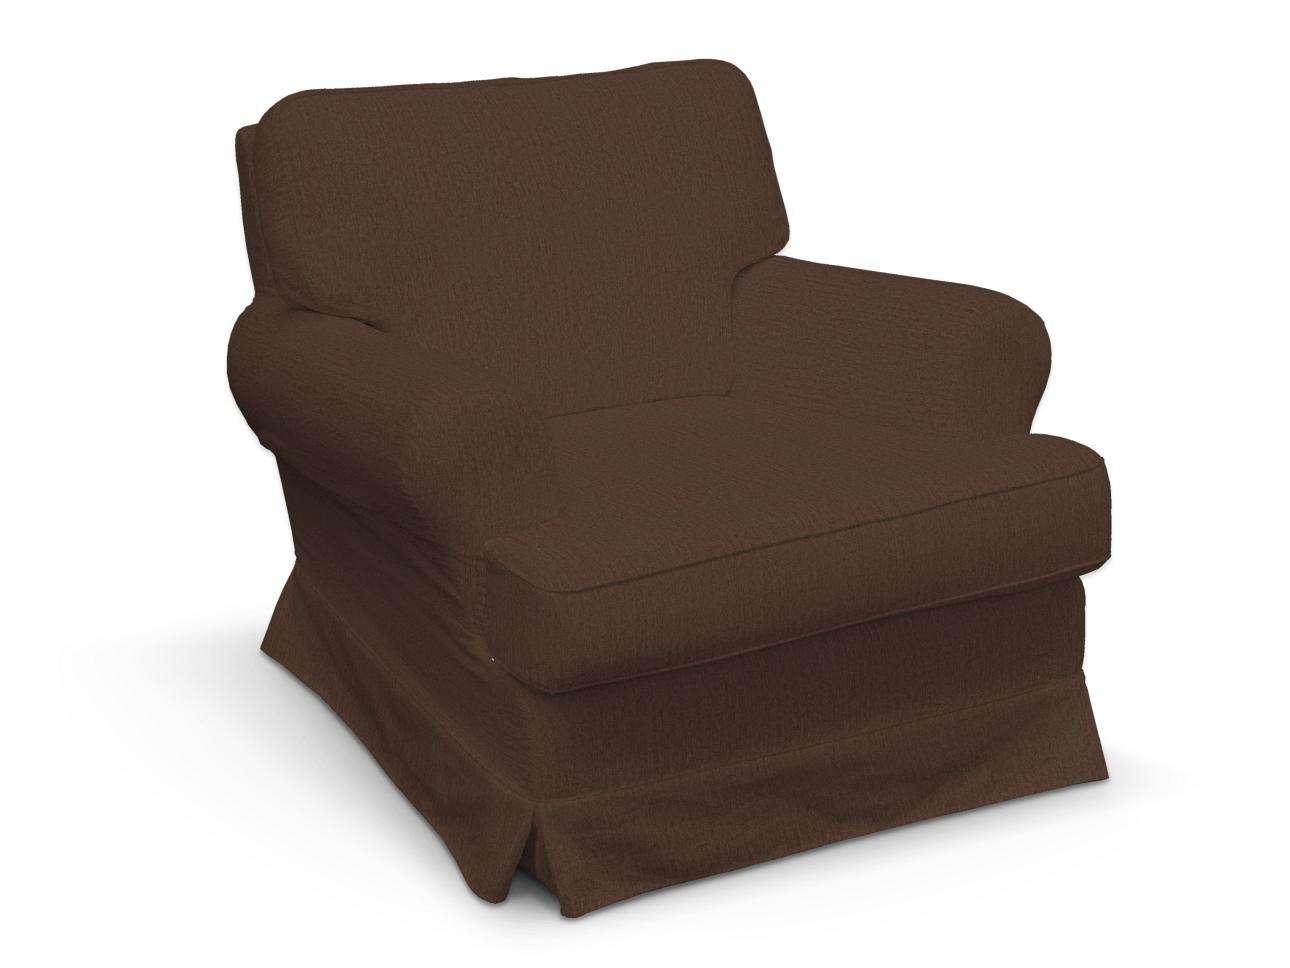 Barkaby fotelio užvalkalas Barkaby fotelio užvalkalas kolekcijoje Chenille, audinys: 702-18